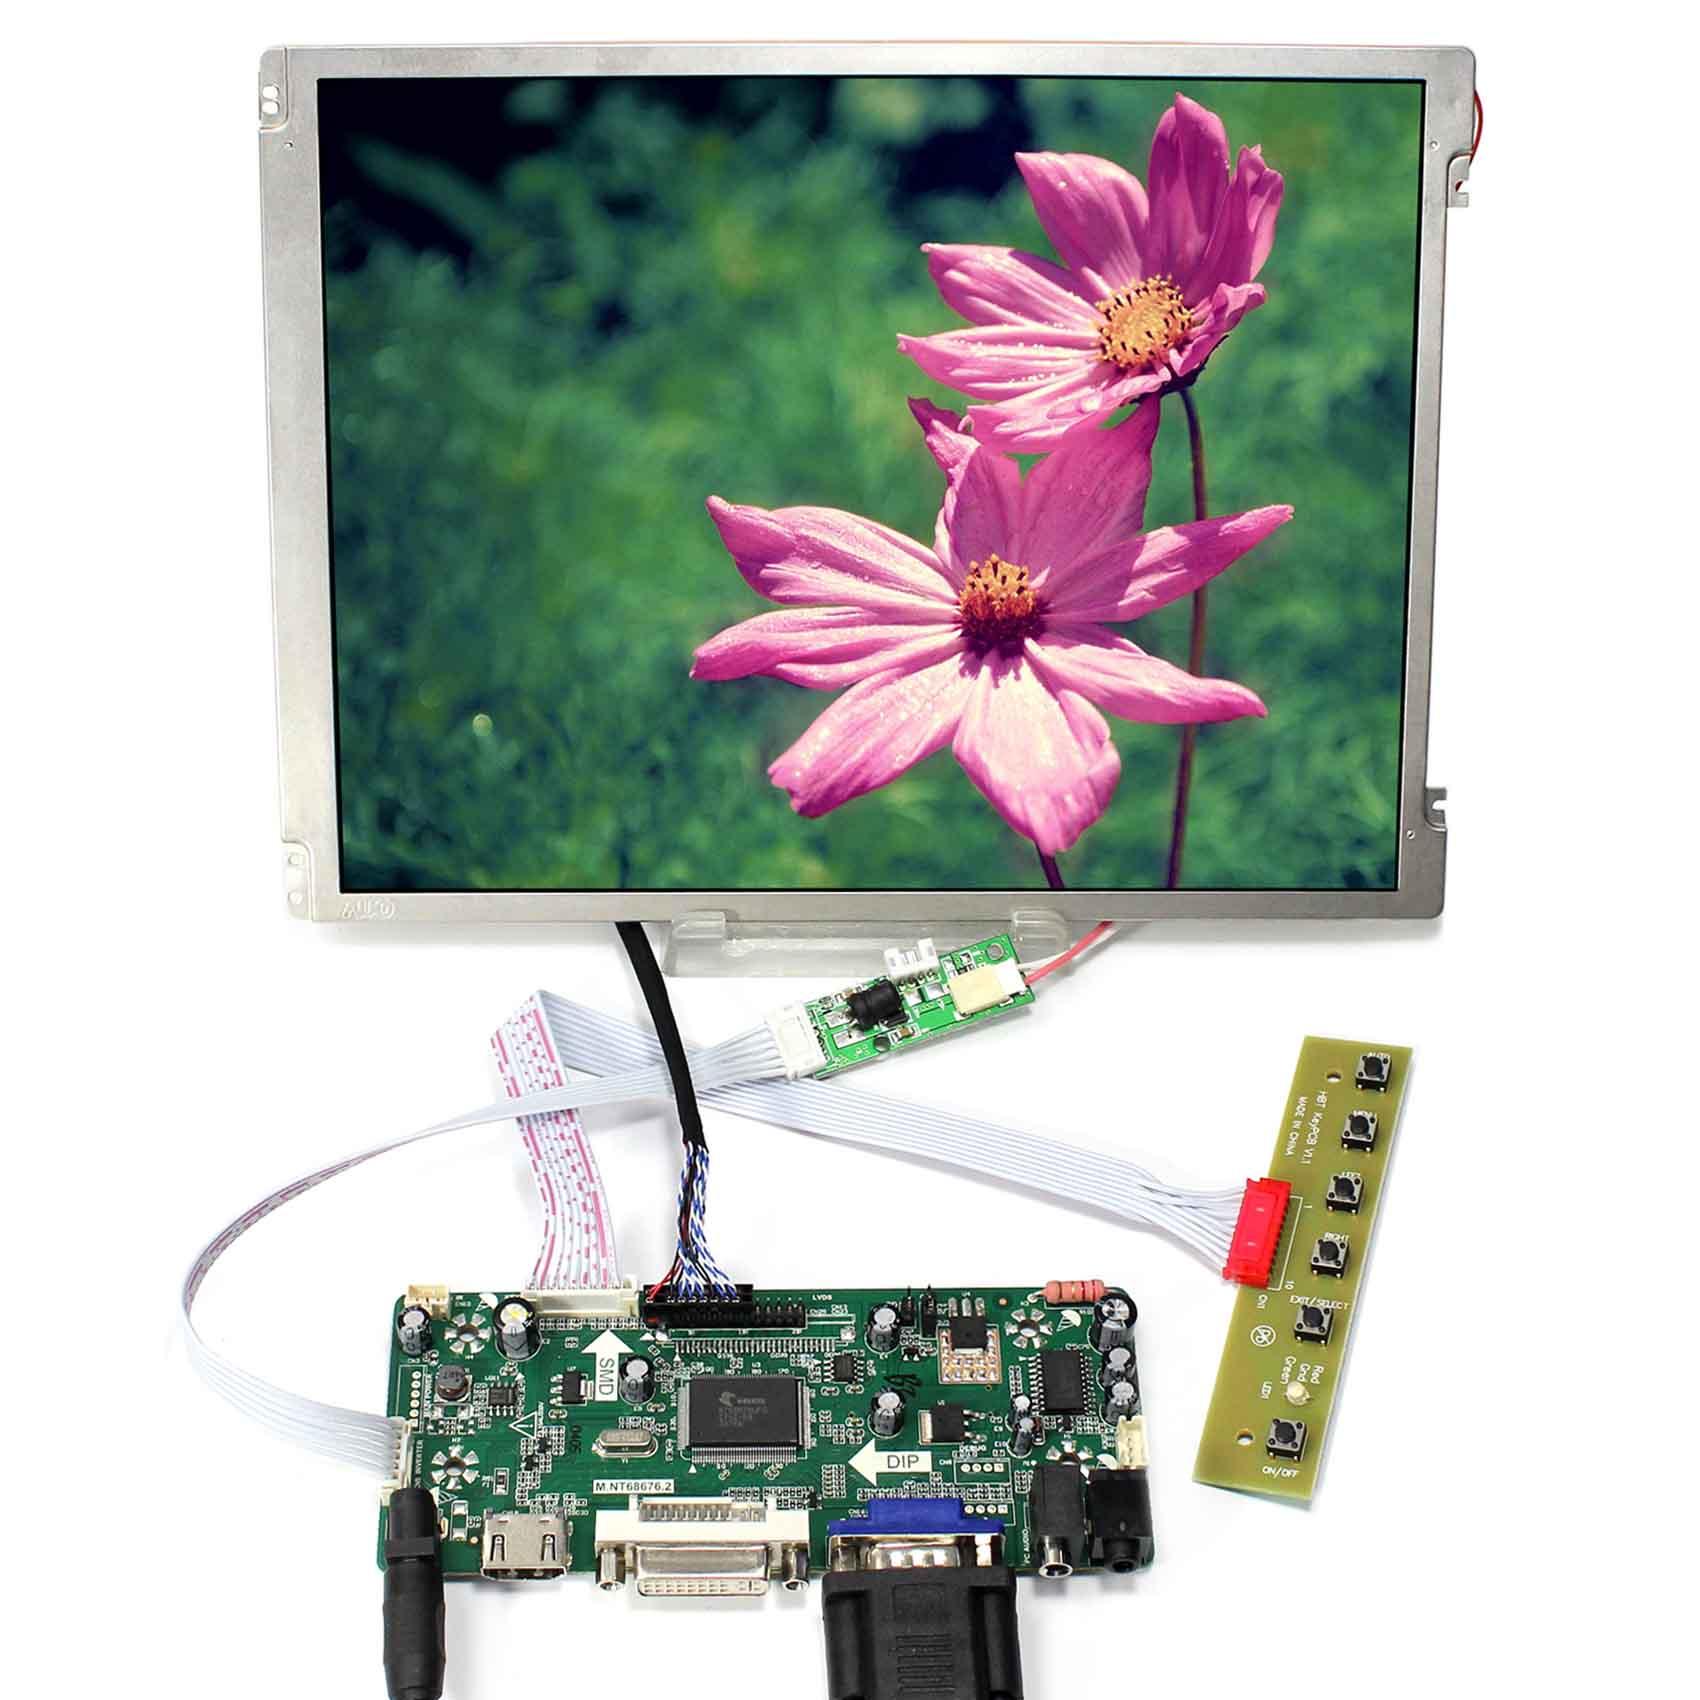 HDMI DVI VGA AUDIO Scheda di Controllo LCD da 10.4 pollici 800x600 Retroilluminazione A LED Sostituire G104SN03-V1HDMI DVI VGA AUDIO Scheda di Controllo LCD da 10.4 pollici 800x600 Retroilluminazione A LED Sostituire G104SN03-V1